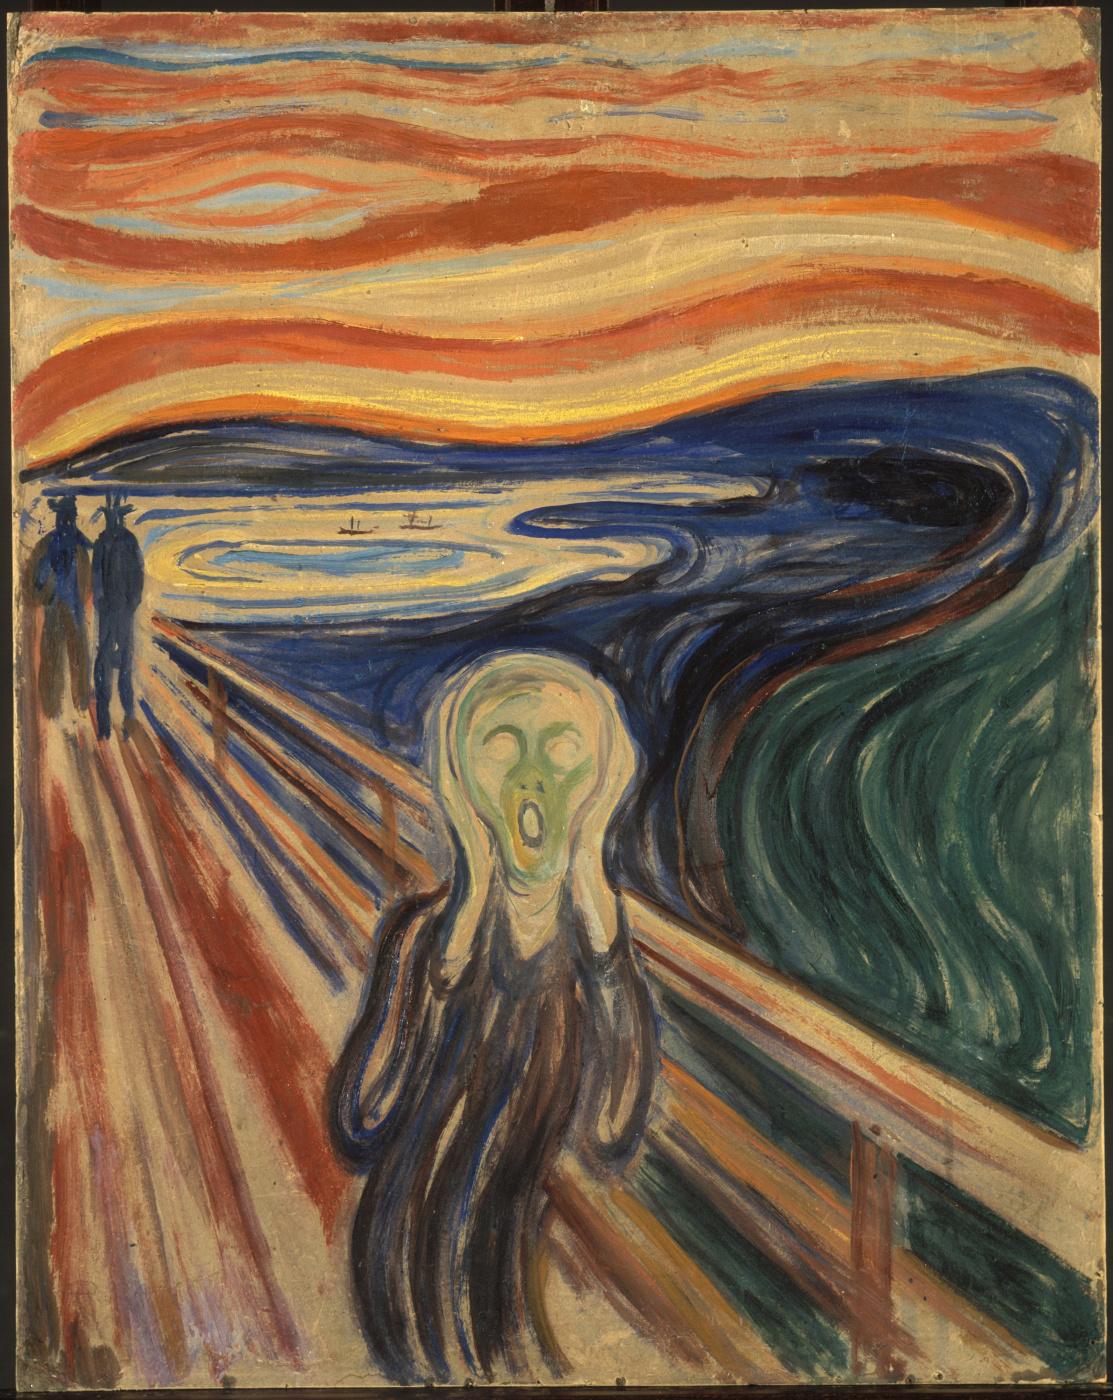 Edward Munch. Scream